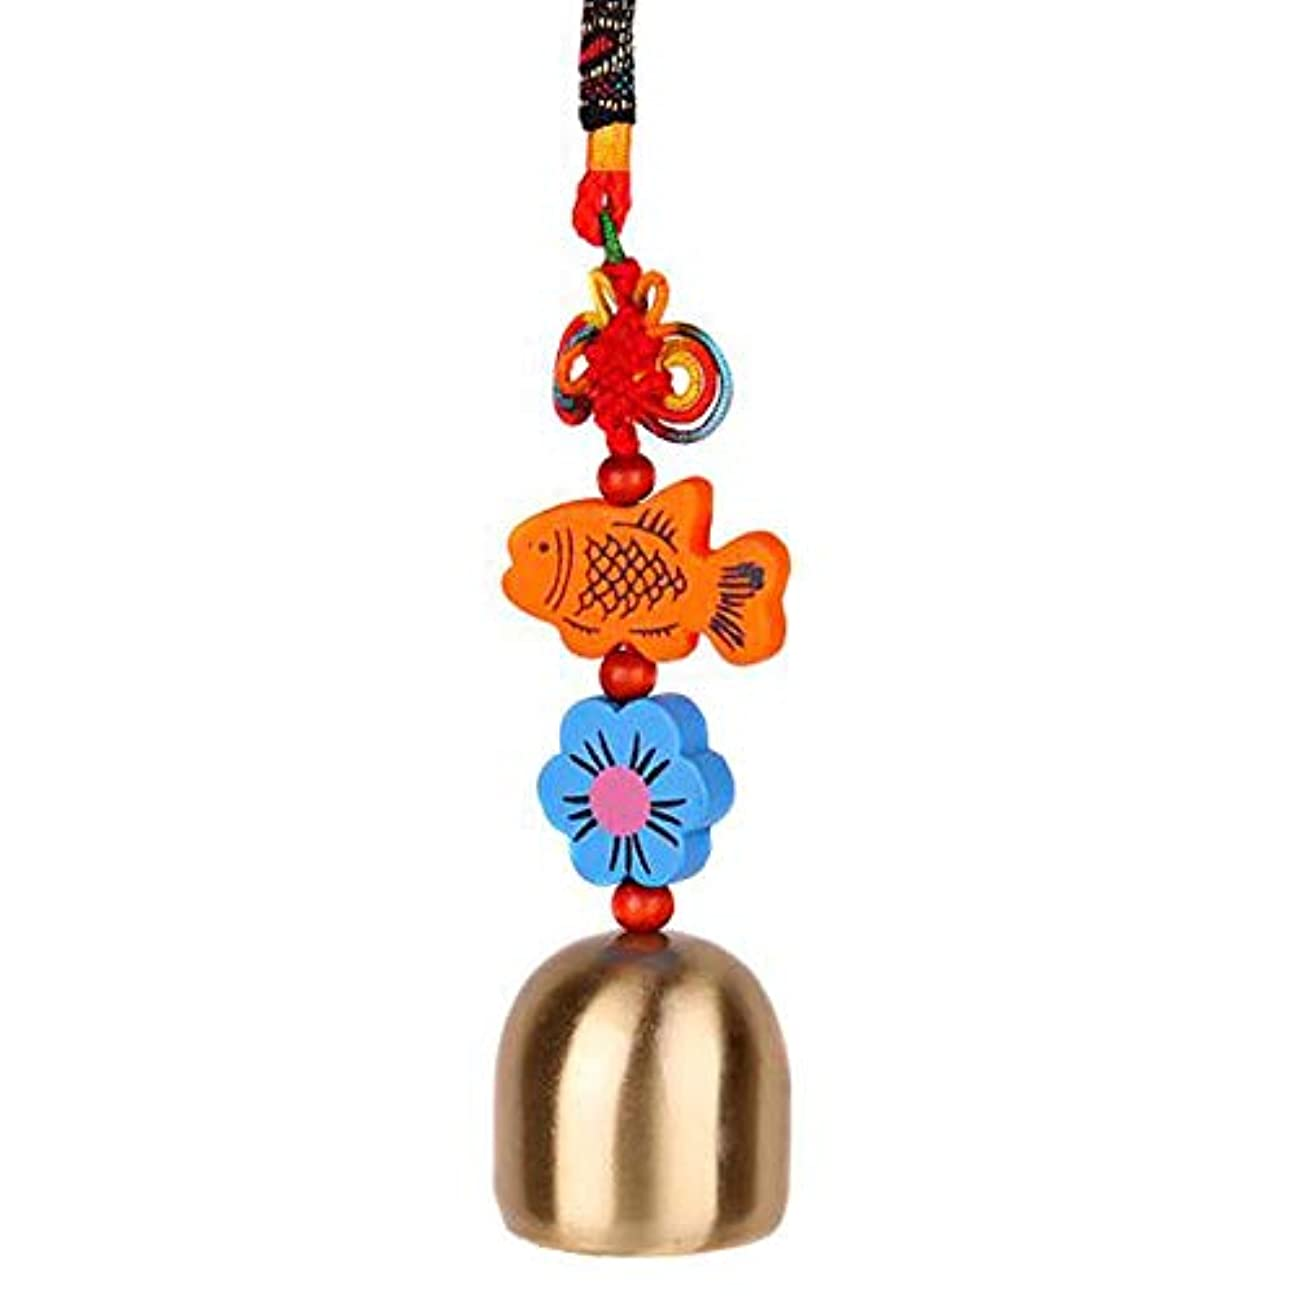 素晴らしい良い多くのバリー浴Hongyuantongxun 風チャイム、中国のノット銅鐘ホーム車の装飾、ゴールド、全長約22CM,、装飾品ペンダント (Color : A)